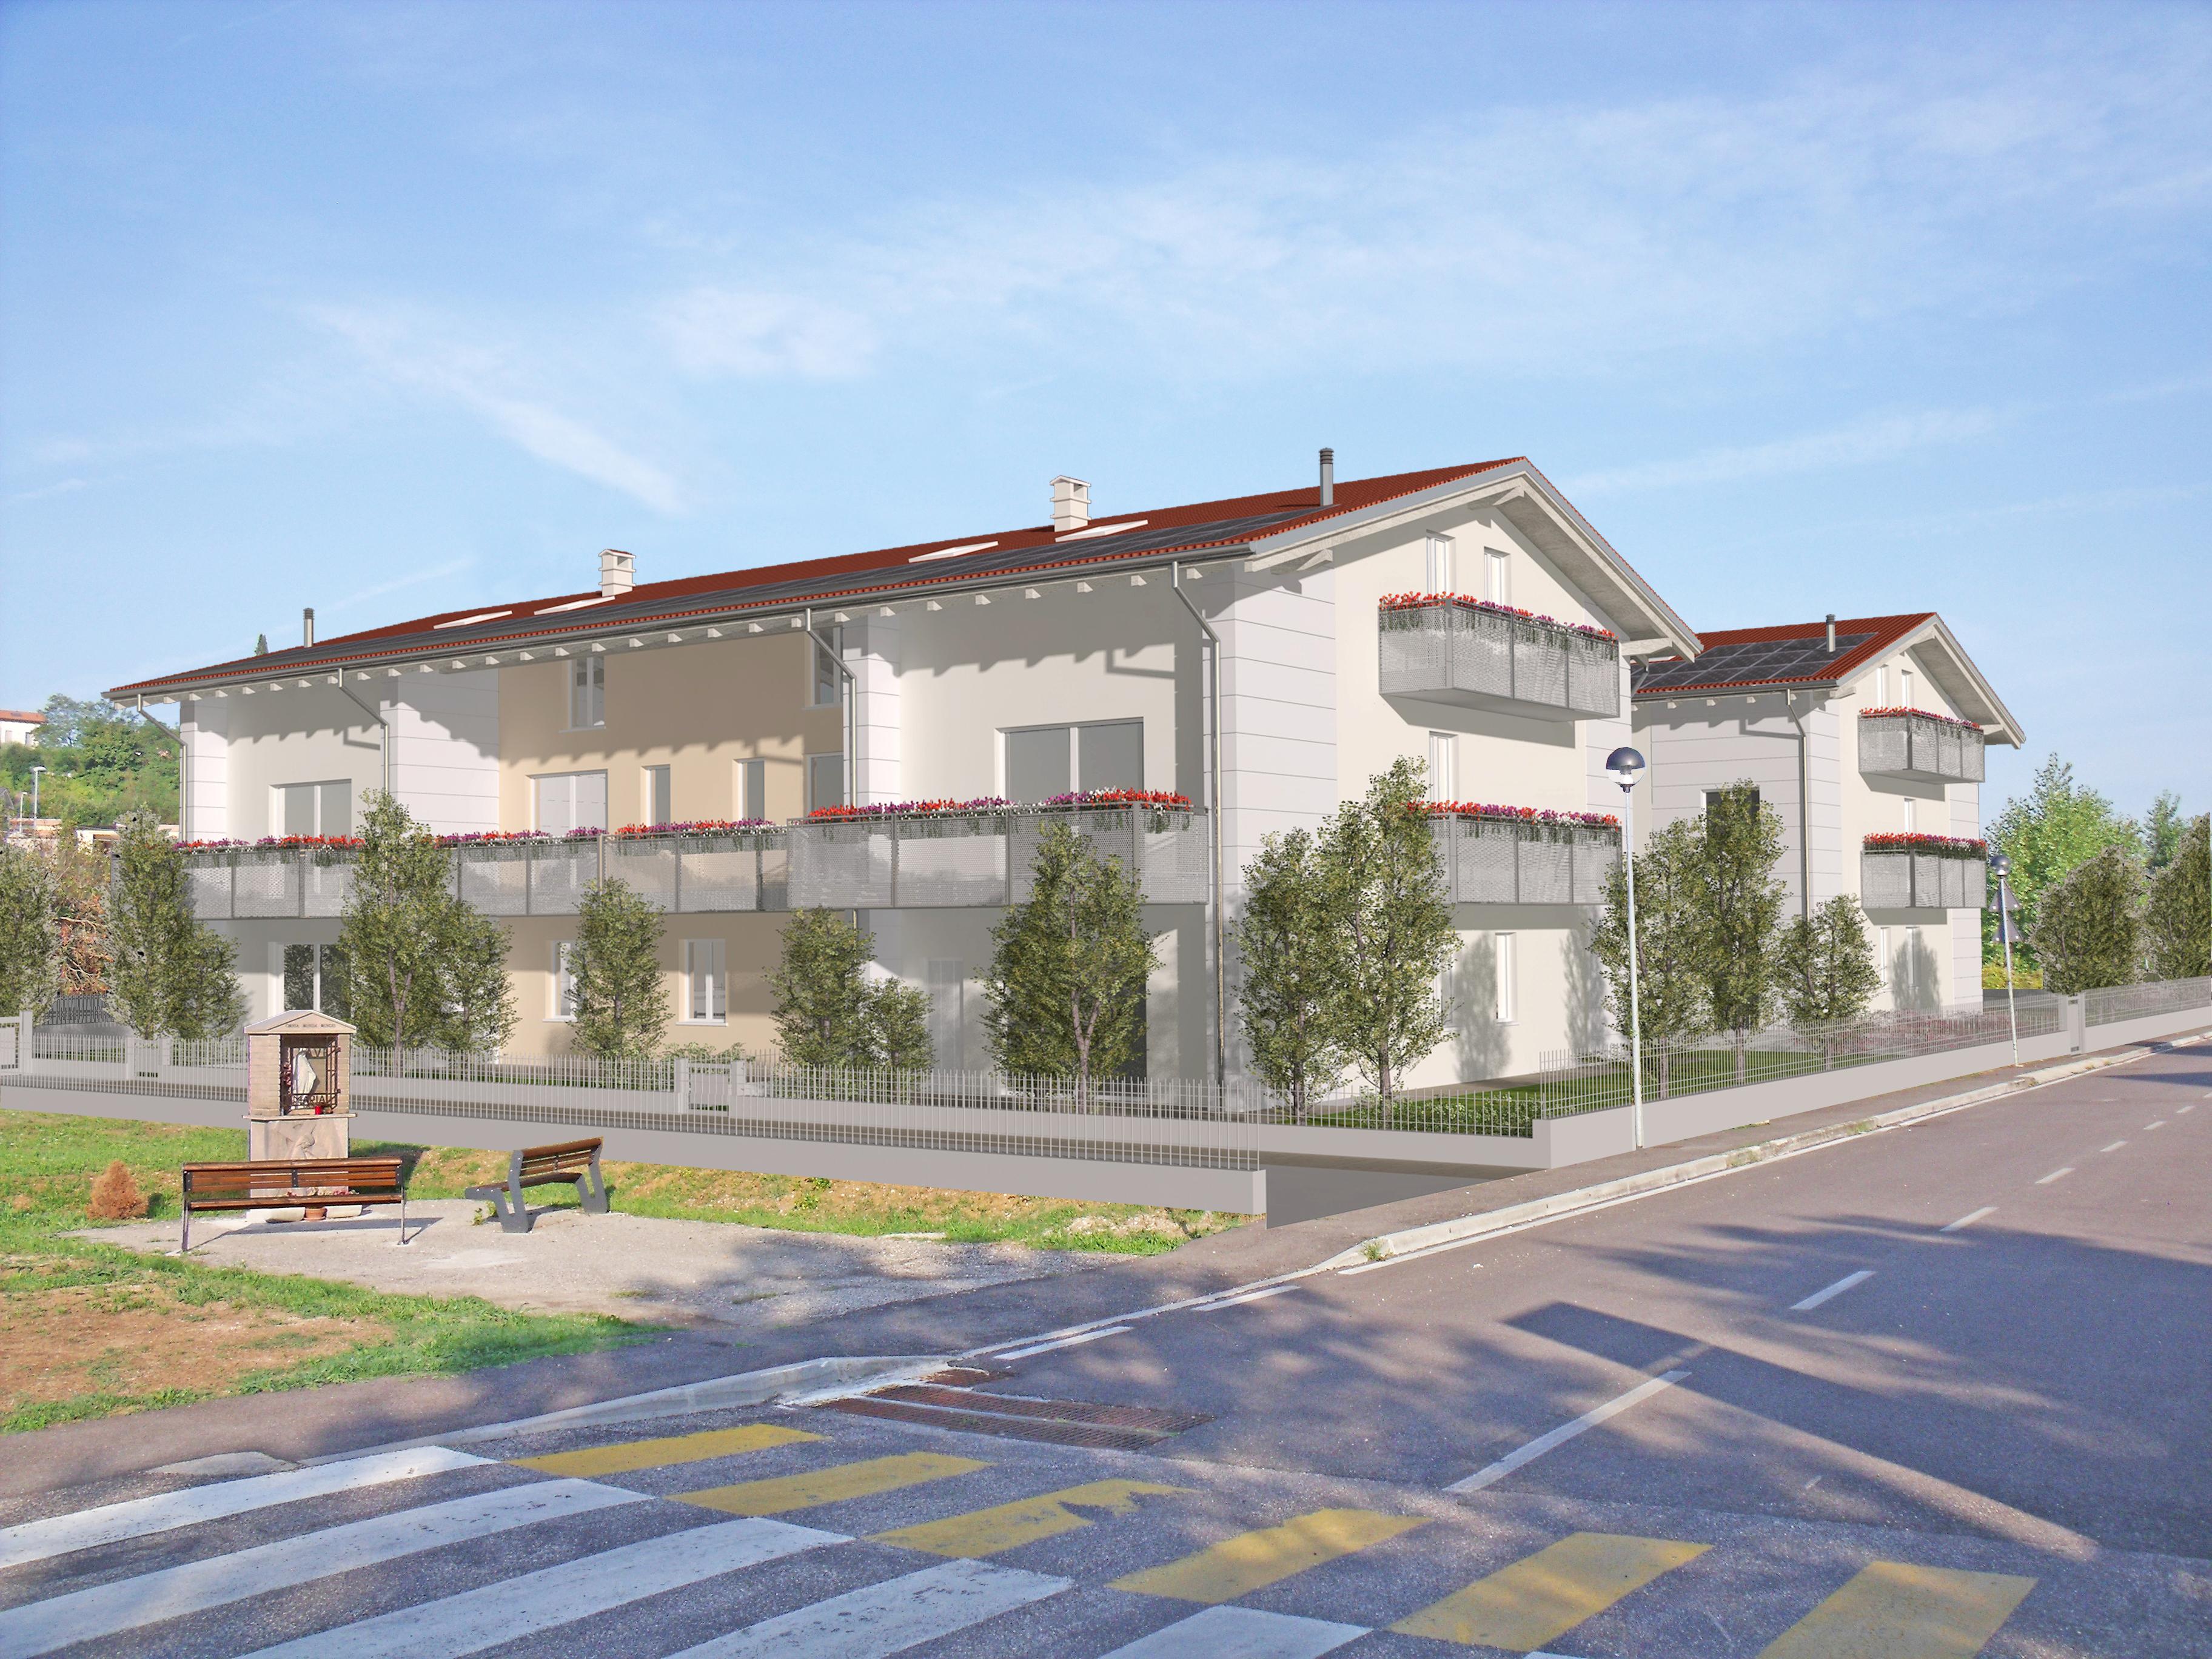 Appartamenti lago di garda costermano vendita diretta dall for Appartamenti lago di garda affitto